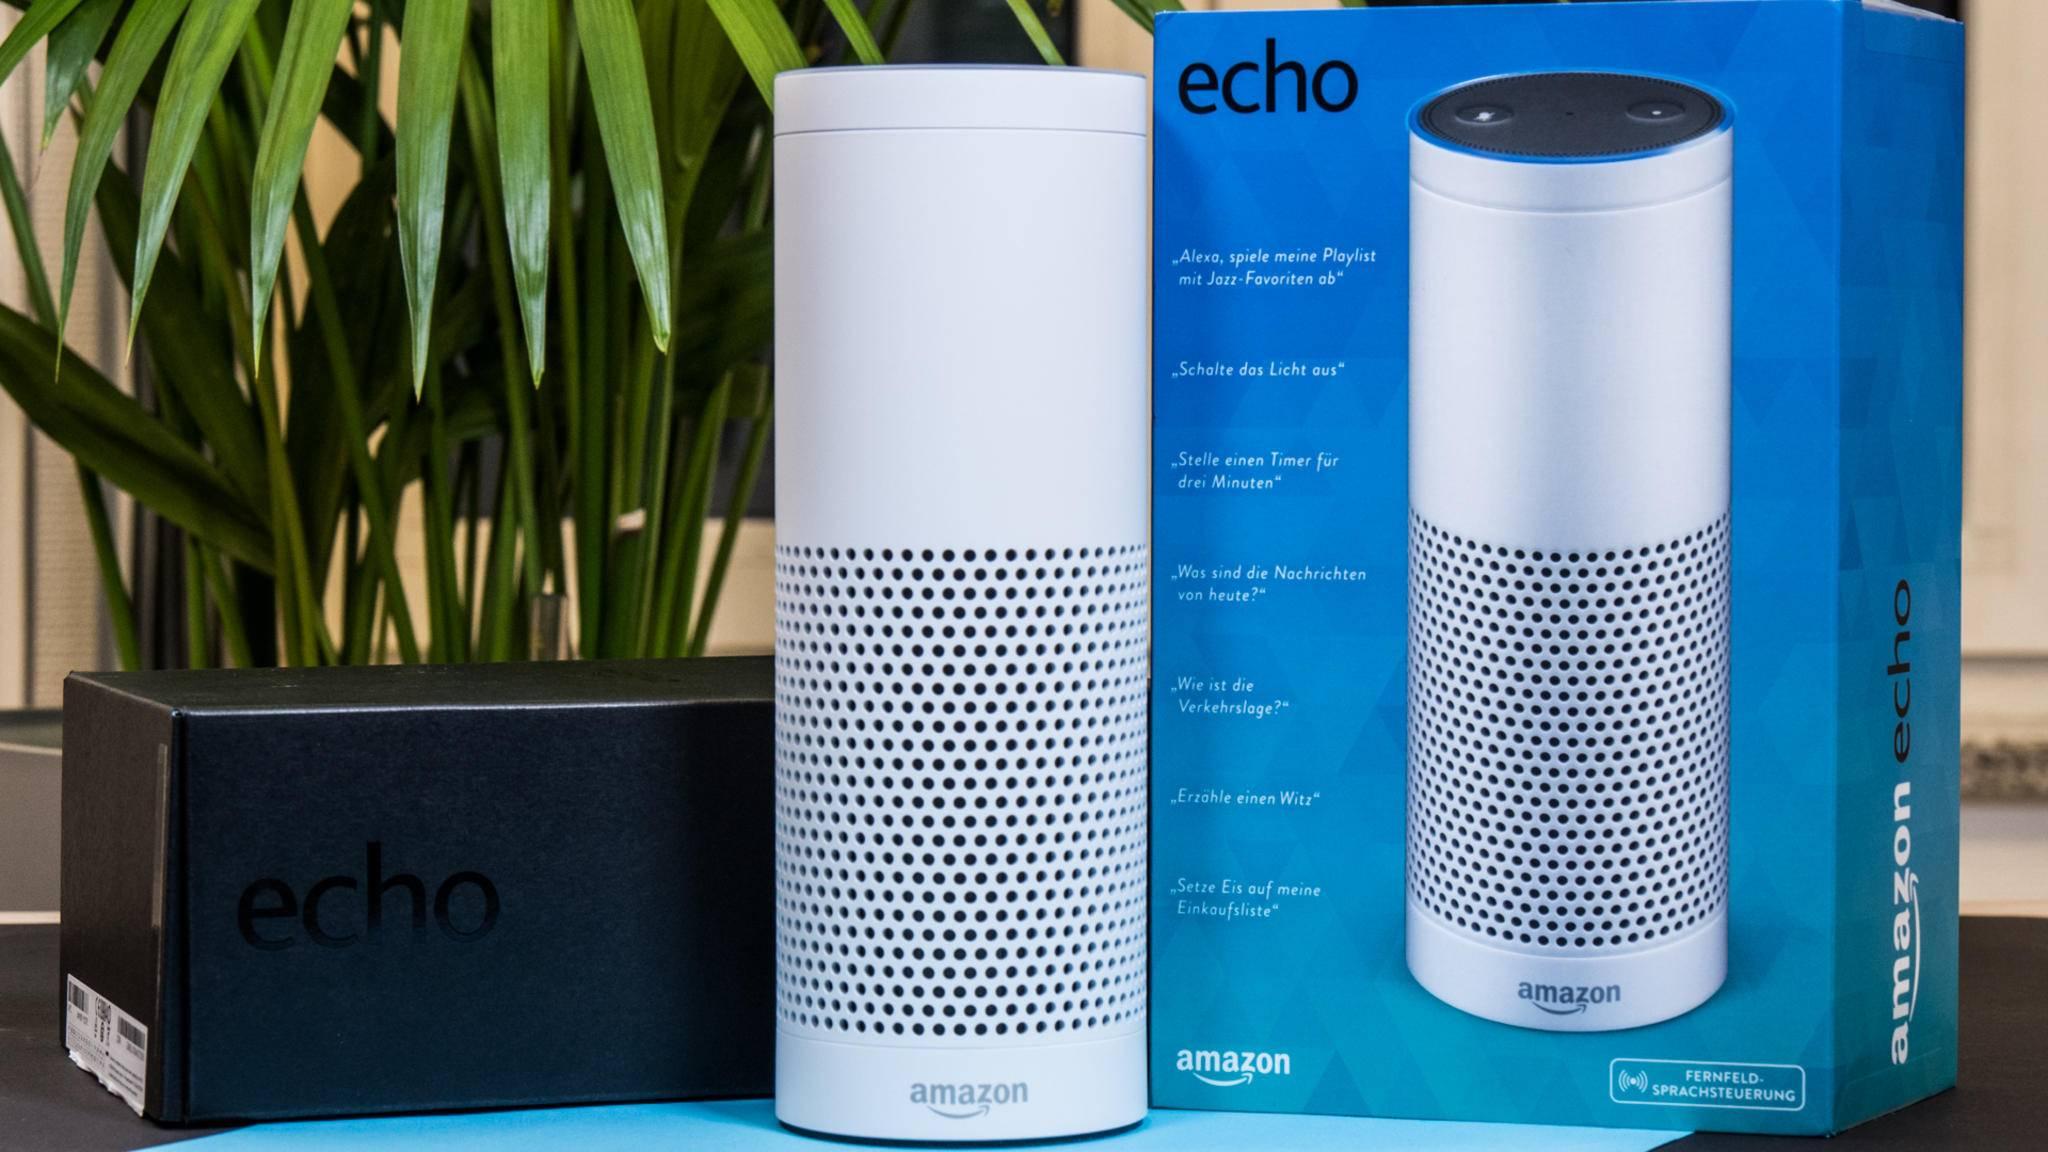 Der Amazon Echo ist ein smarter Lautsprecher.